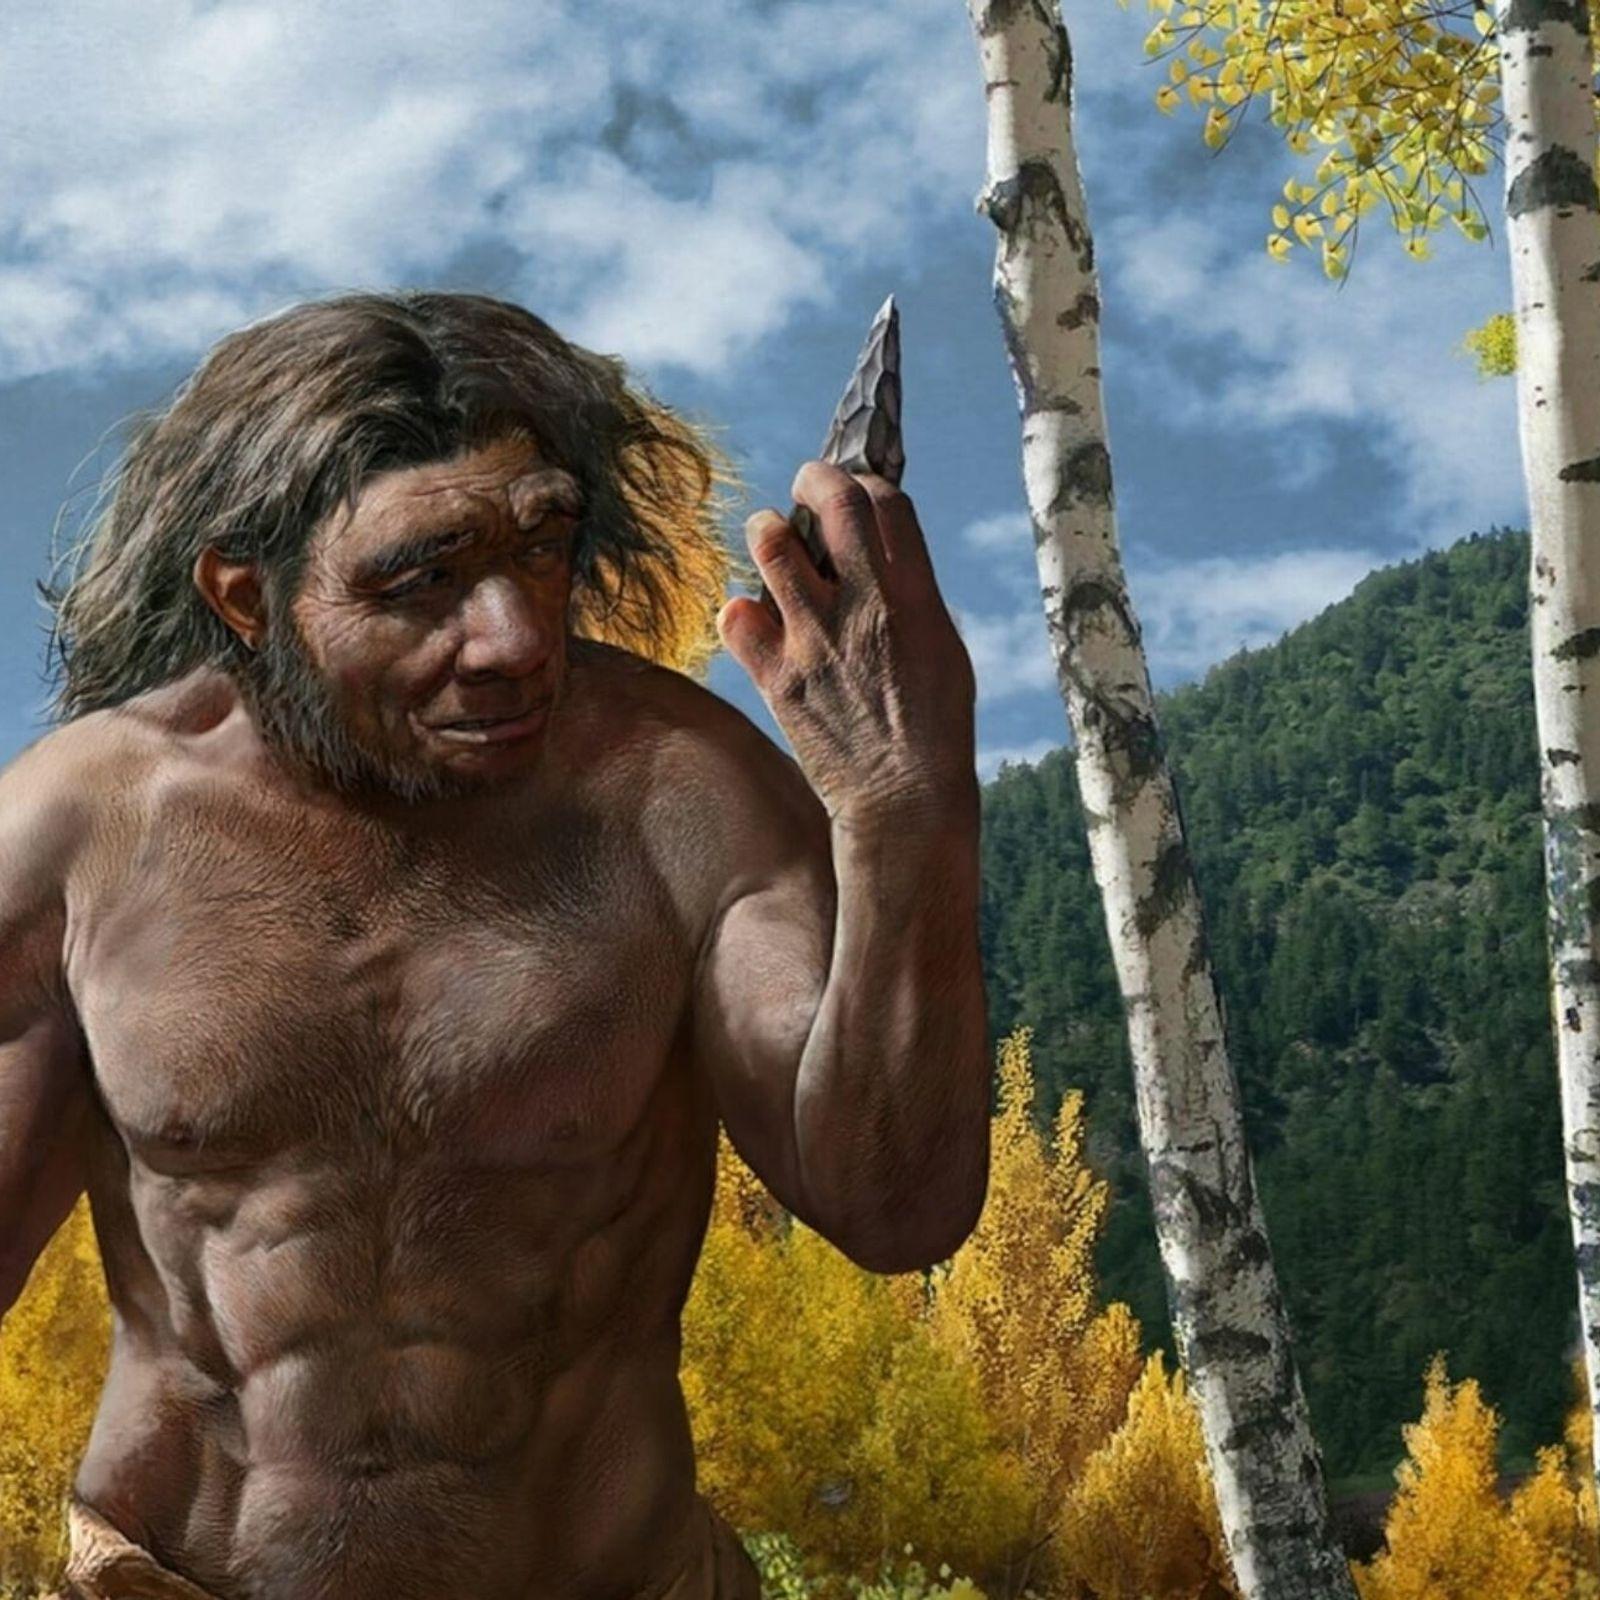 El Hombre Dragón vivió hace más de 146.000 años en una región fría en el noreste ...